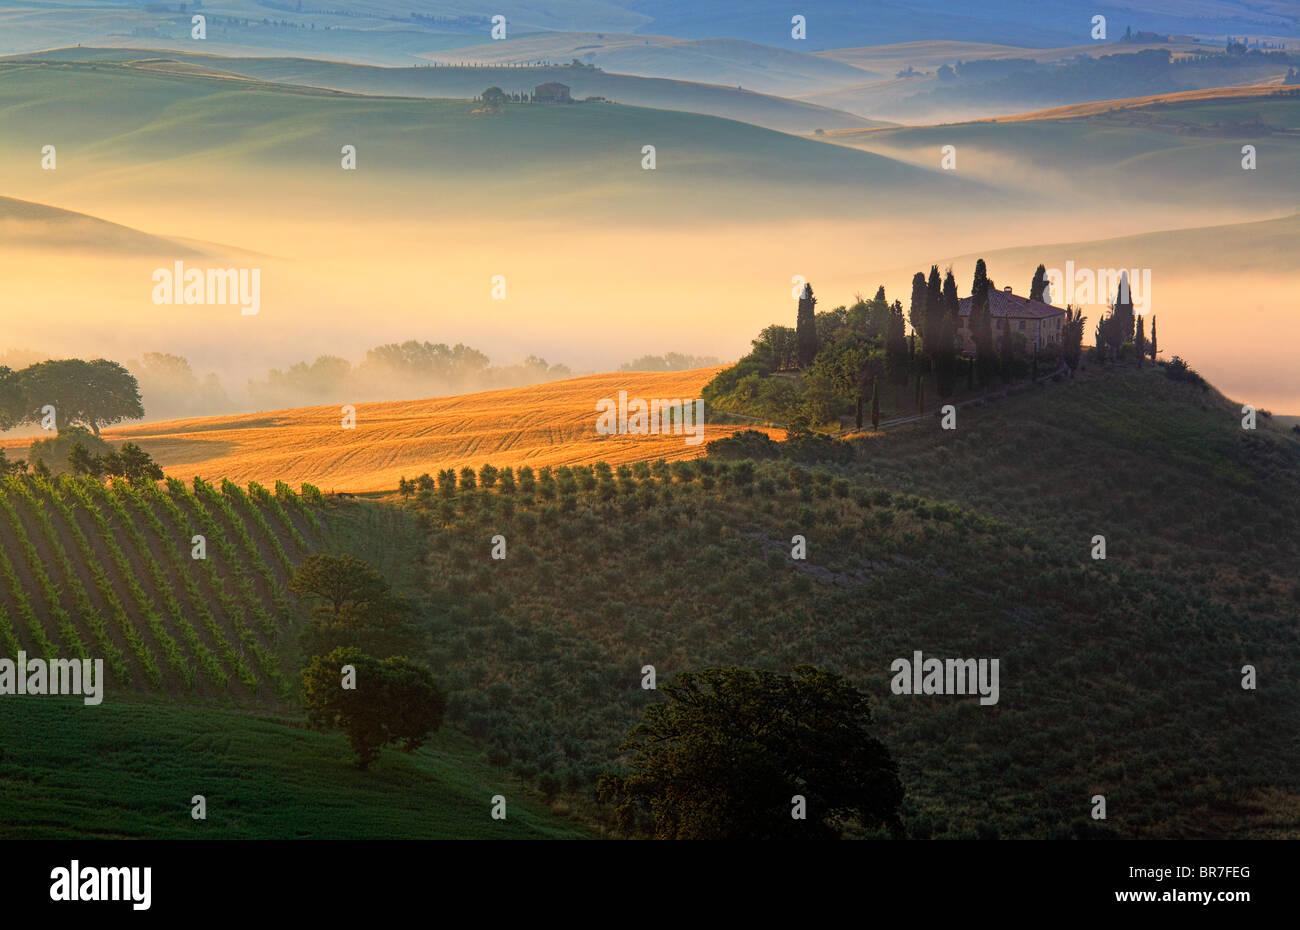 Villa en una colina de Val d'Orcia, una región de Toscana en Italia central, al amanecer. Imagen De Stock